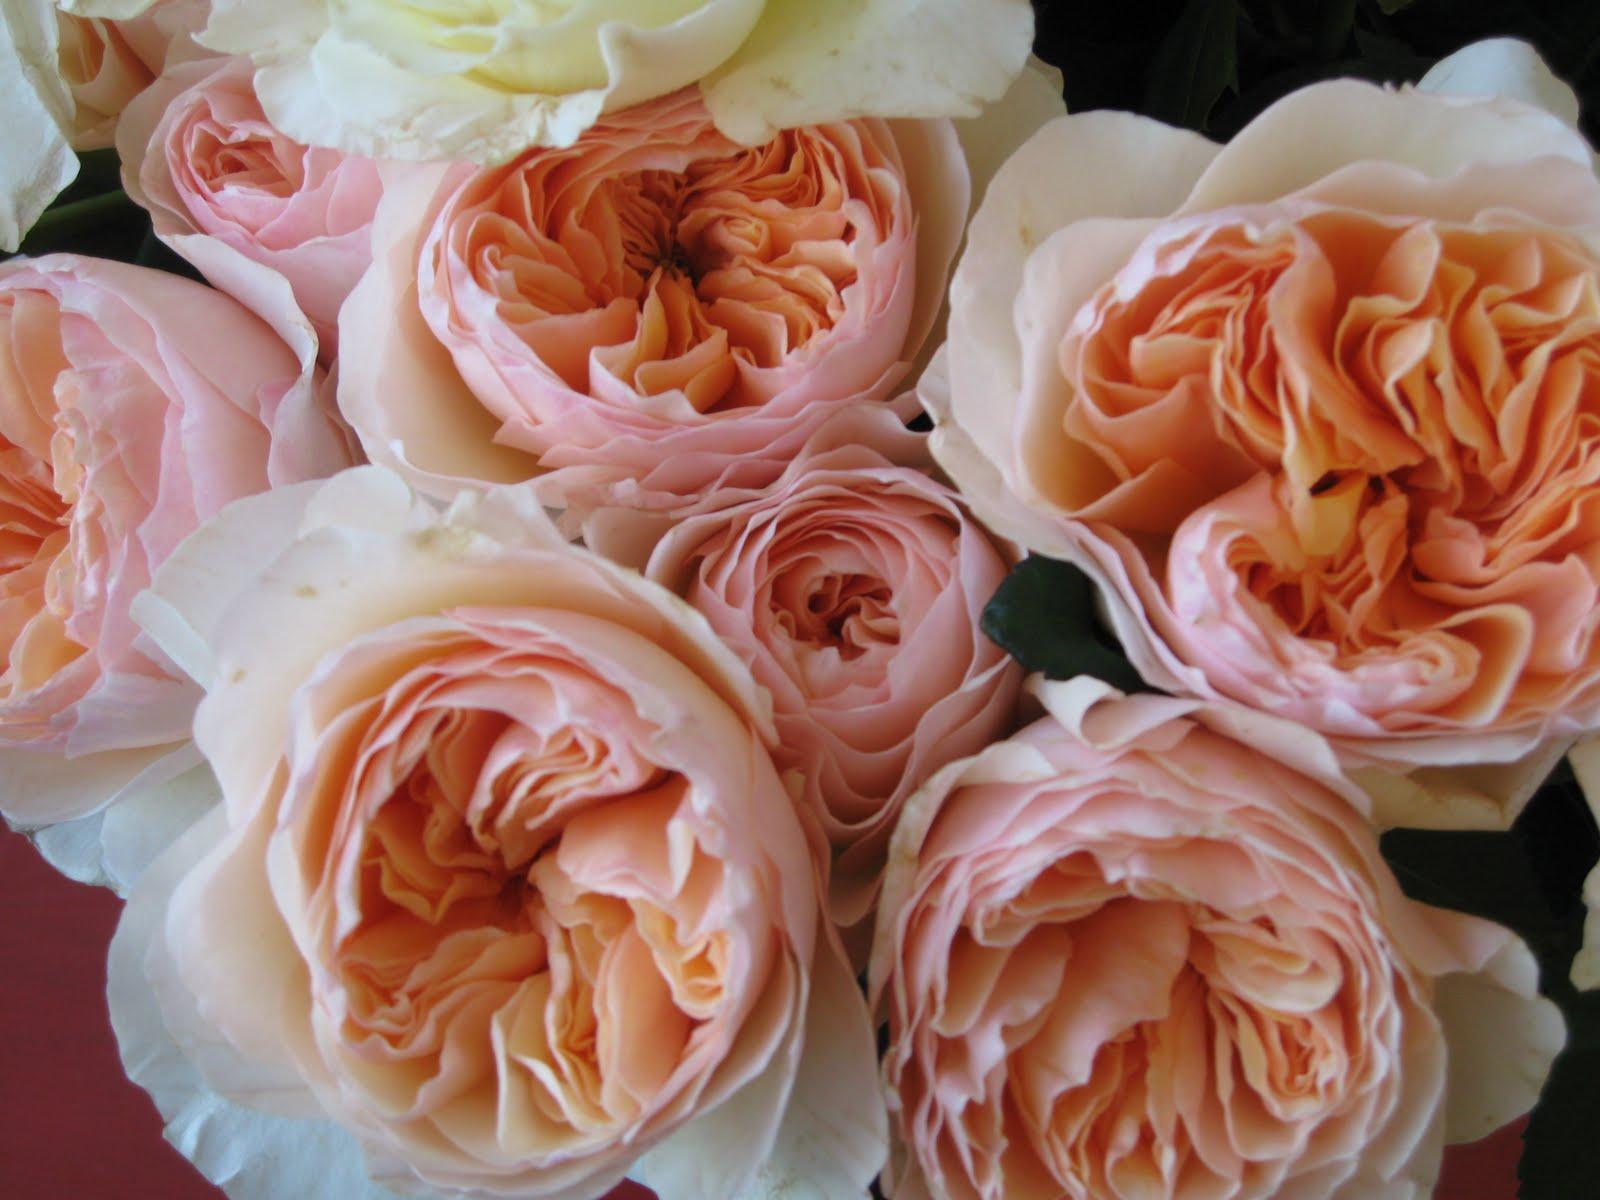 une  fleur  à trouver  - ajonc - 7 juin Bravo Martine A97b3ddcf231912345efe7ebb57381be